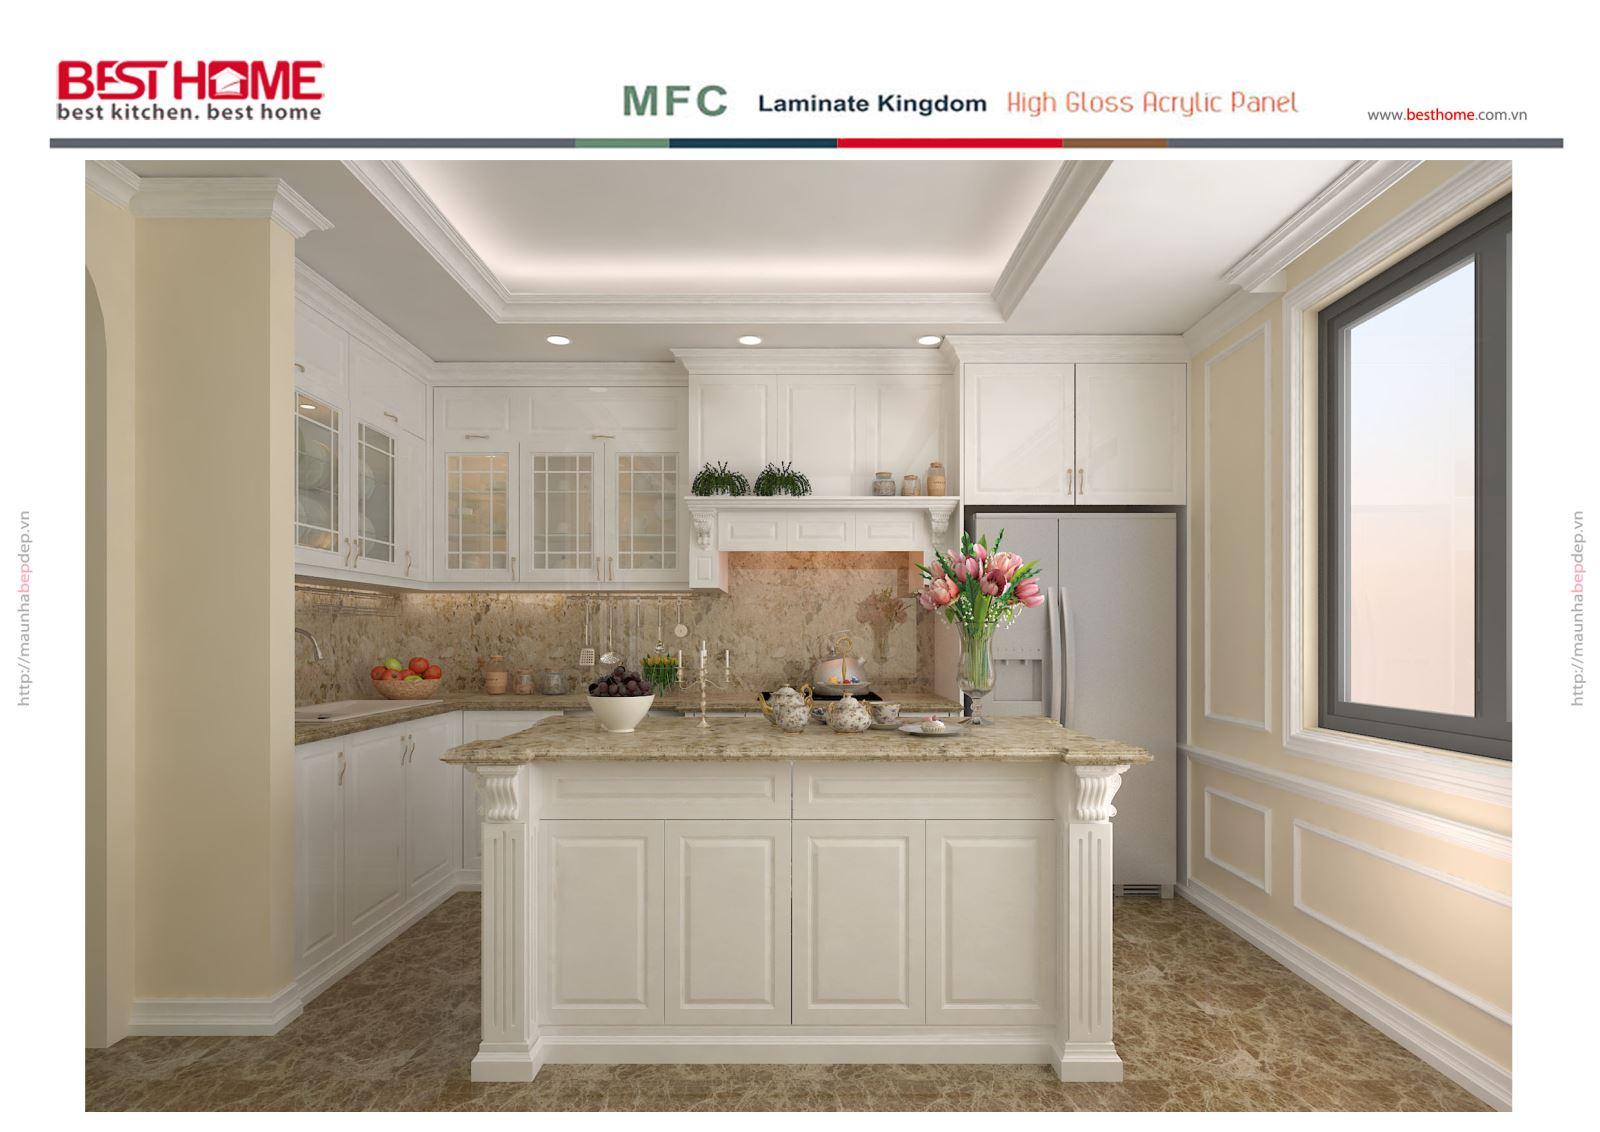 Tủ bếp gỗ sồi Mỹ sơn trắng – Tri ân khách hàng và bảo trì công trình tủ bếp nhà chị Hương thumbnail